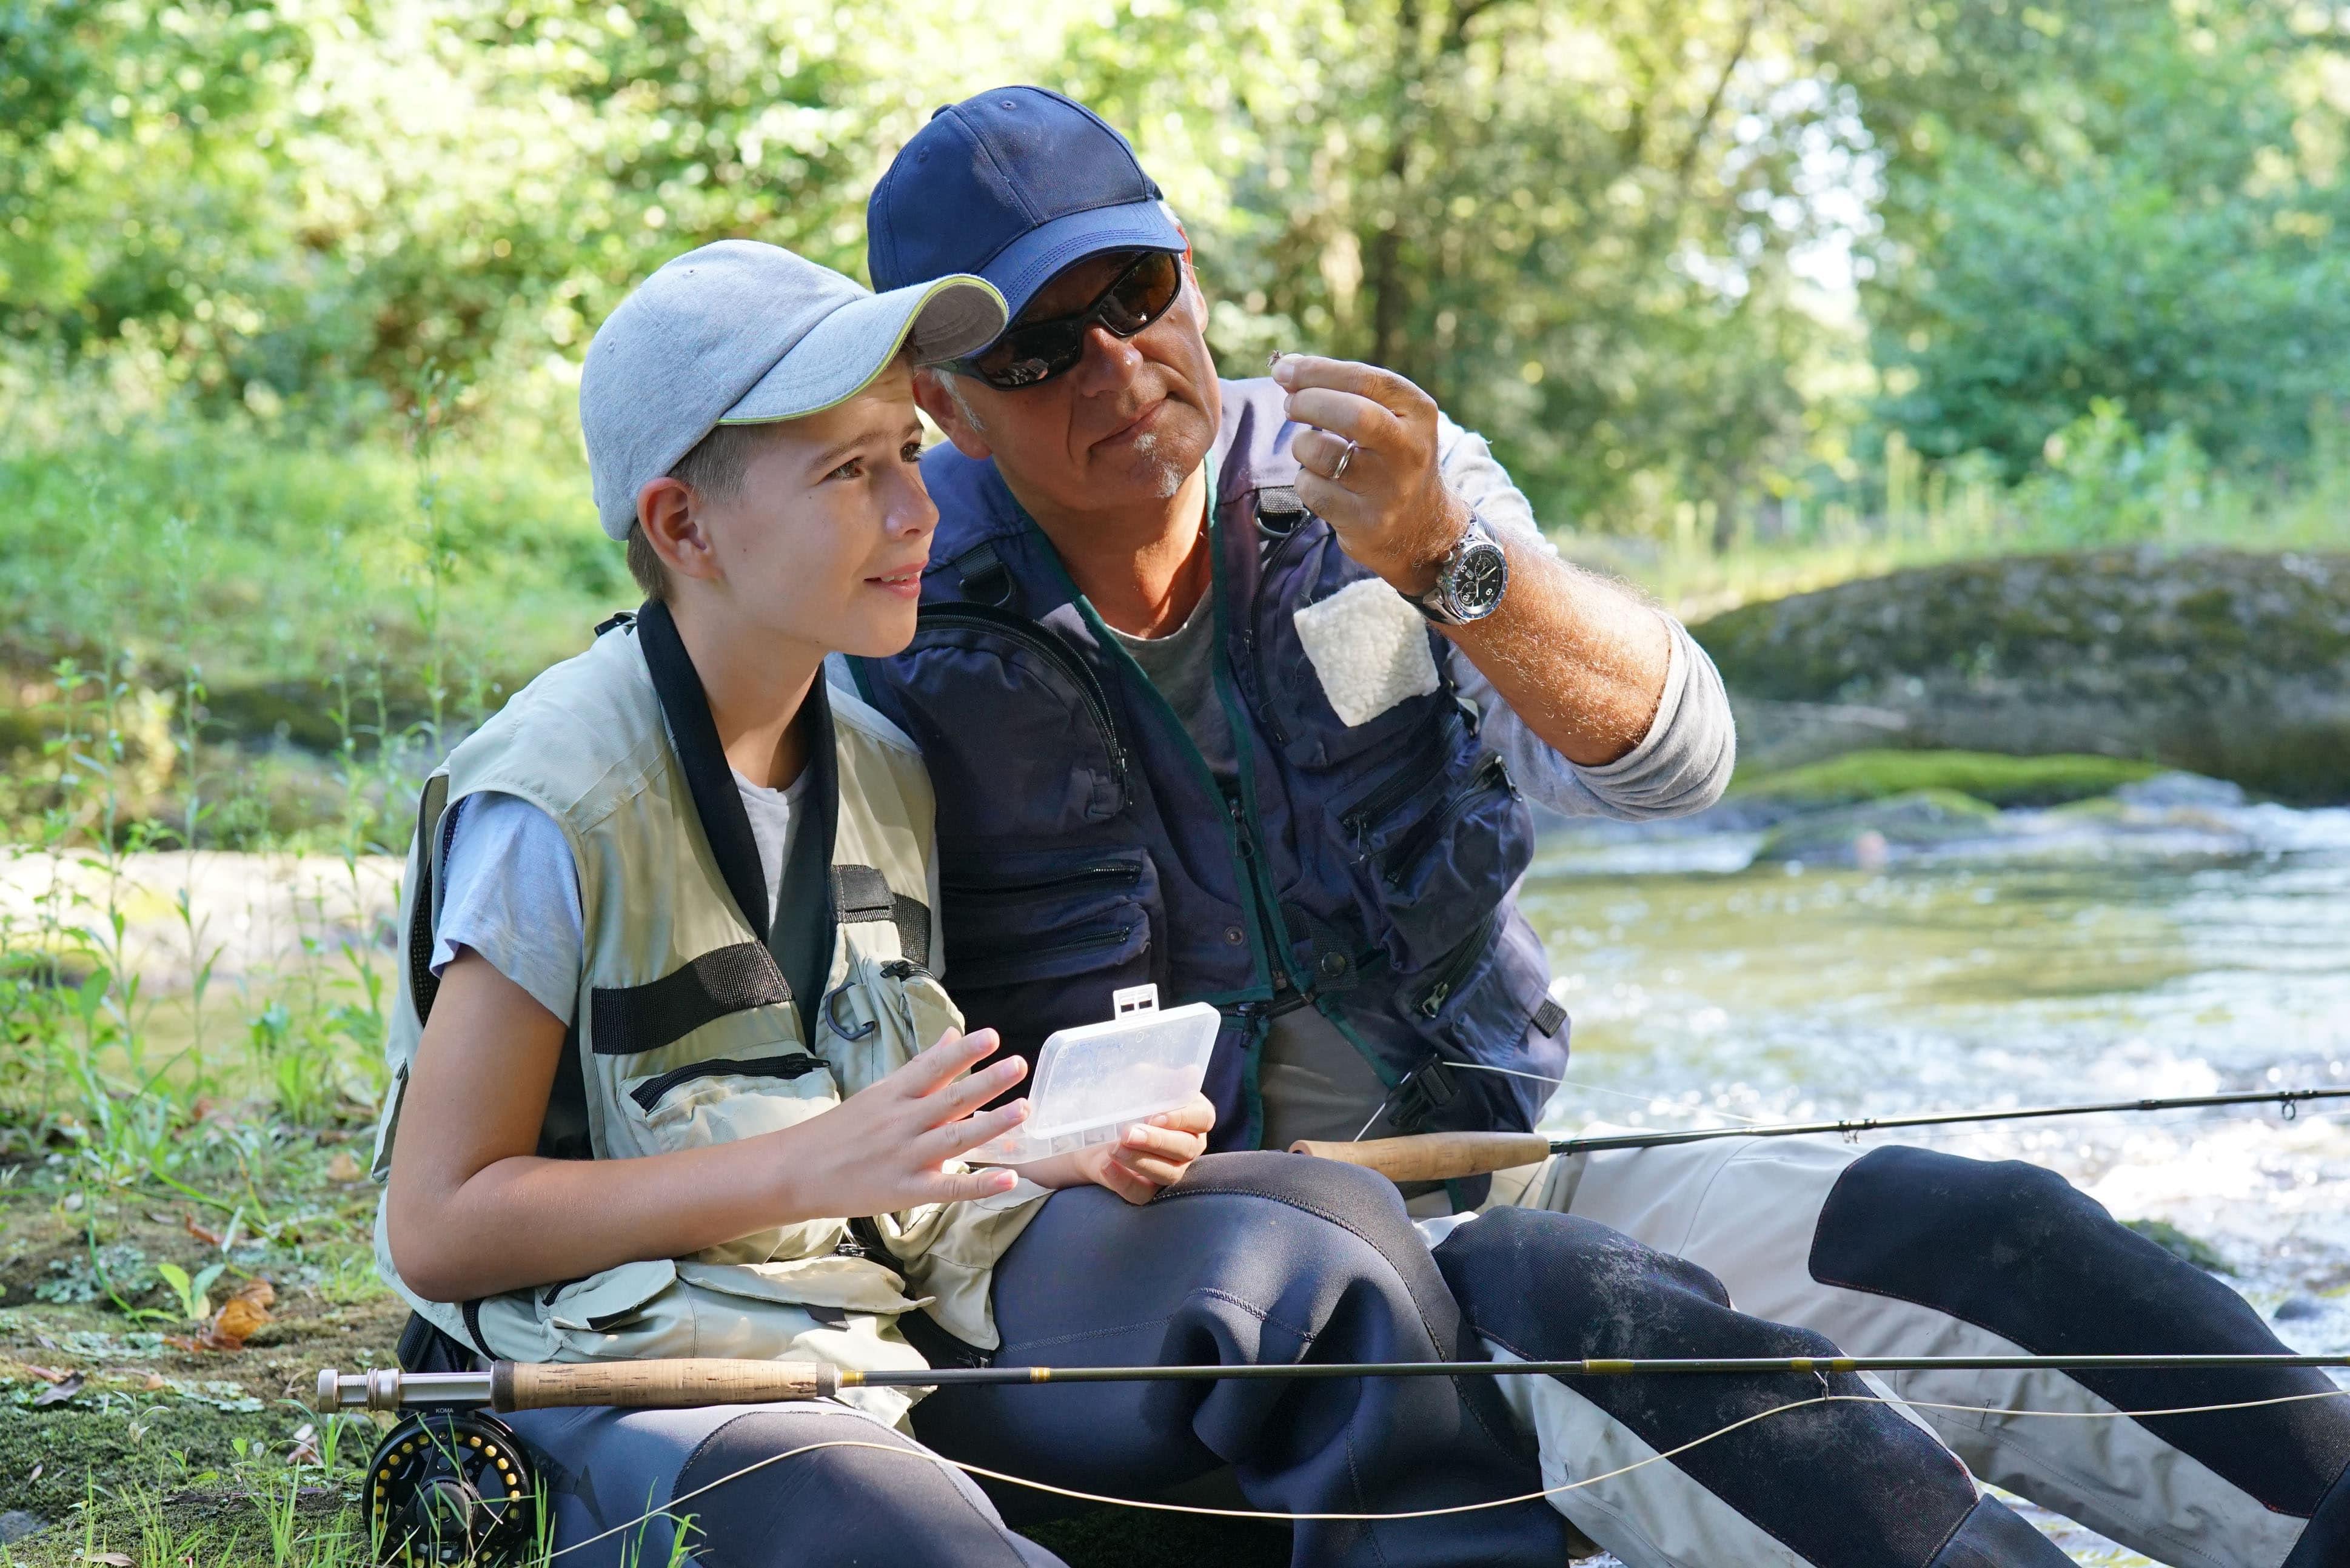 jeune garçon et son grand-père en train de discuter assis au bord de l'au avec leur canne à pêche